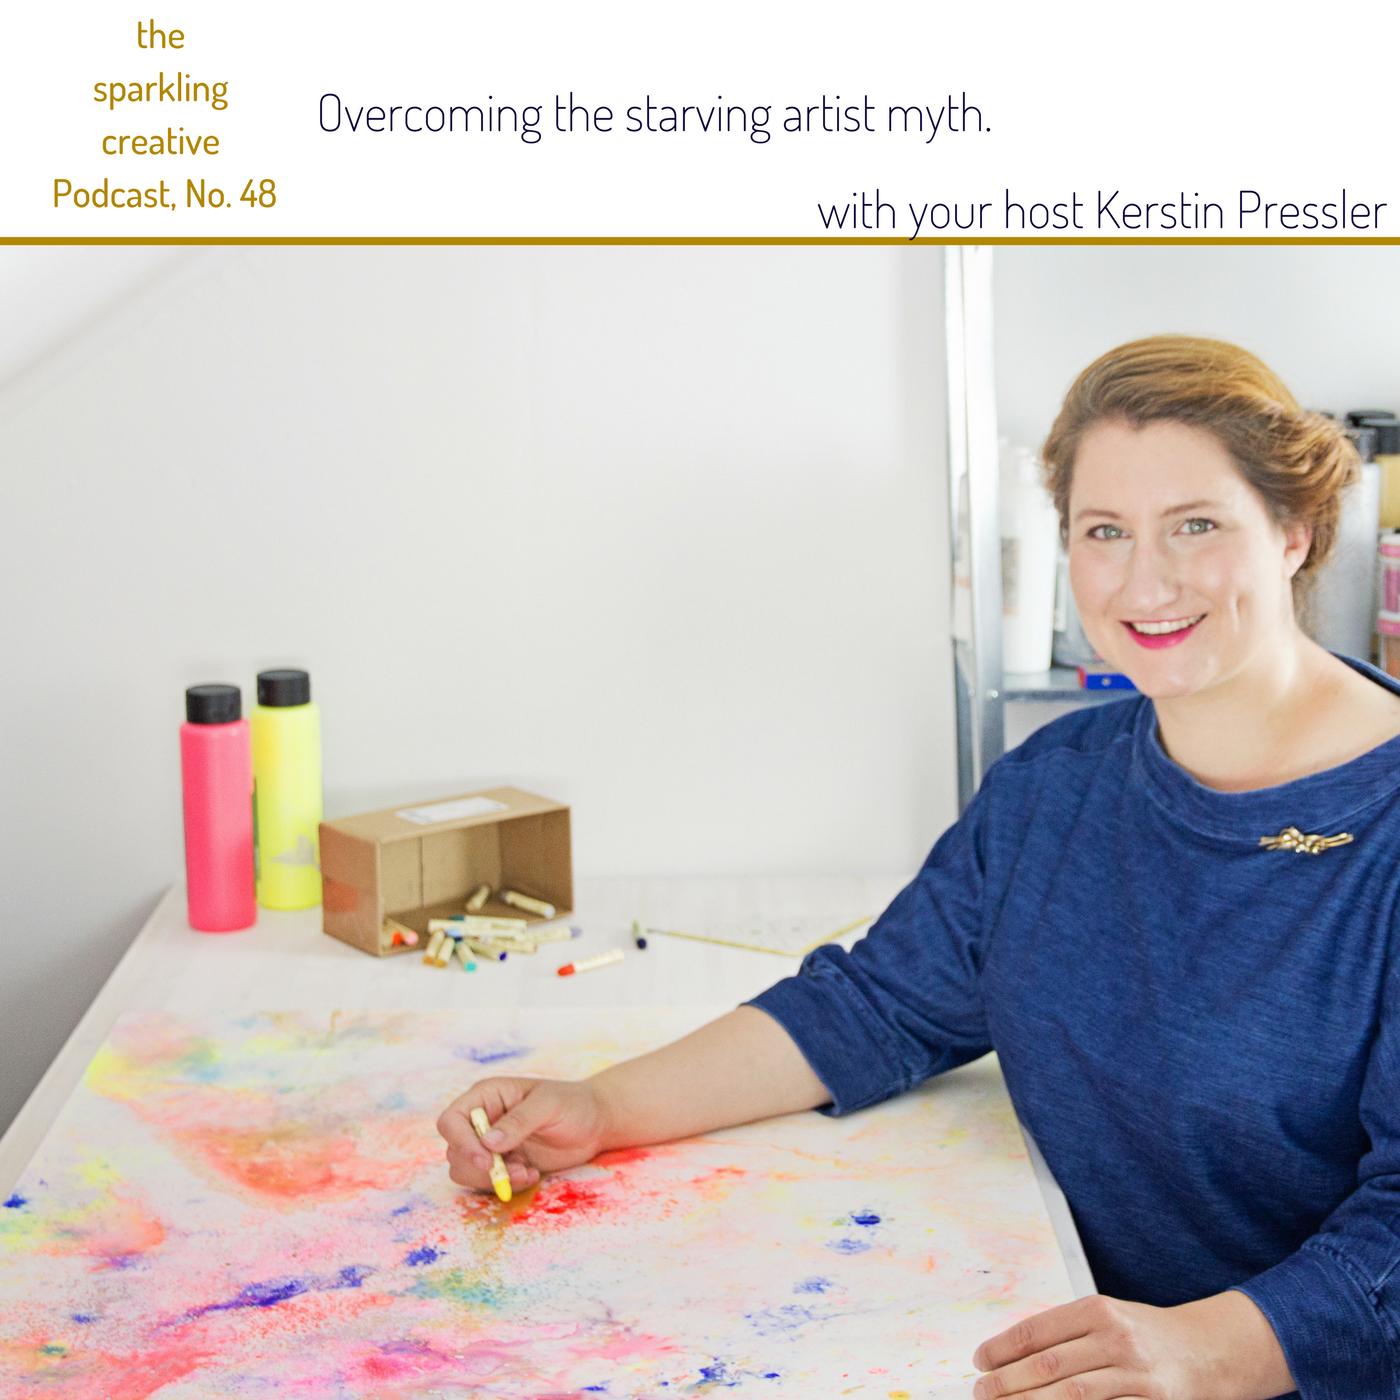 Artwork for Episode 48: Overcoming the starving artist myth